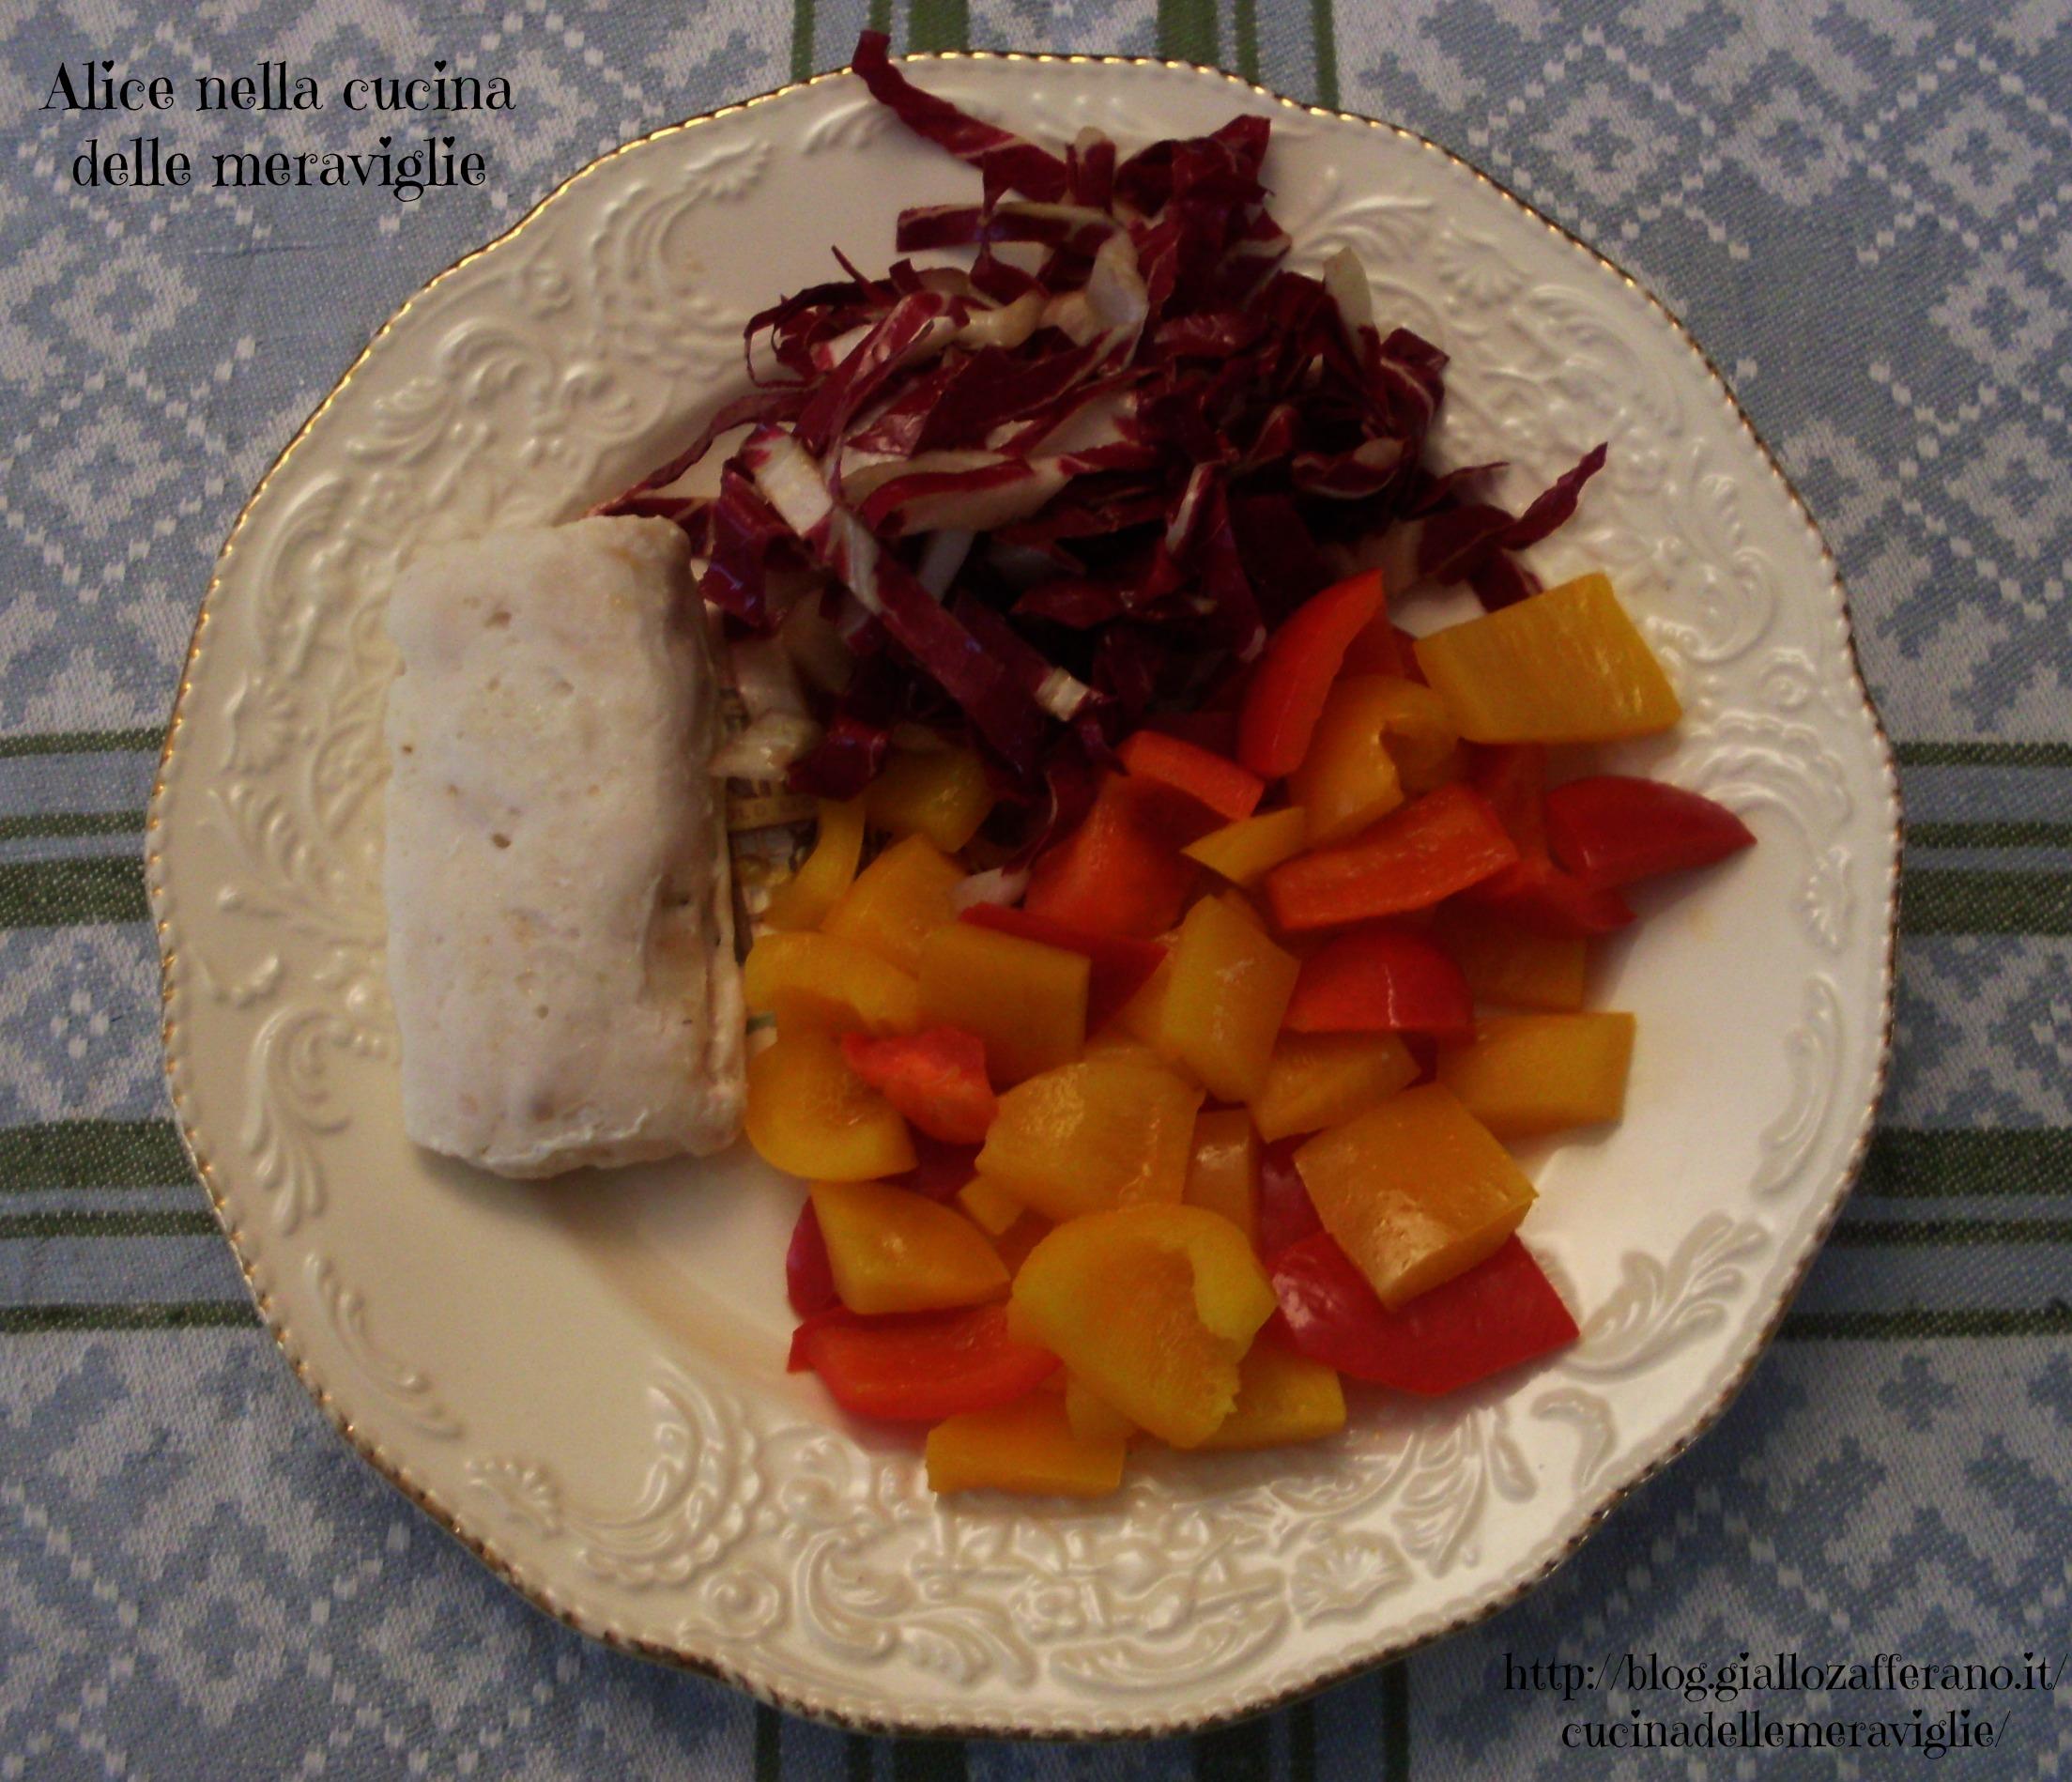 Cuori di nasello con peperoni e insalata Ricetta secondo piatto di pesce Alice nella cucina delle meraviglie